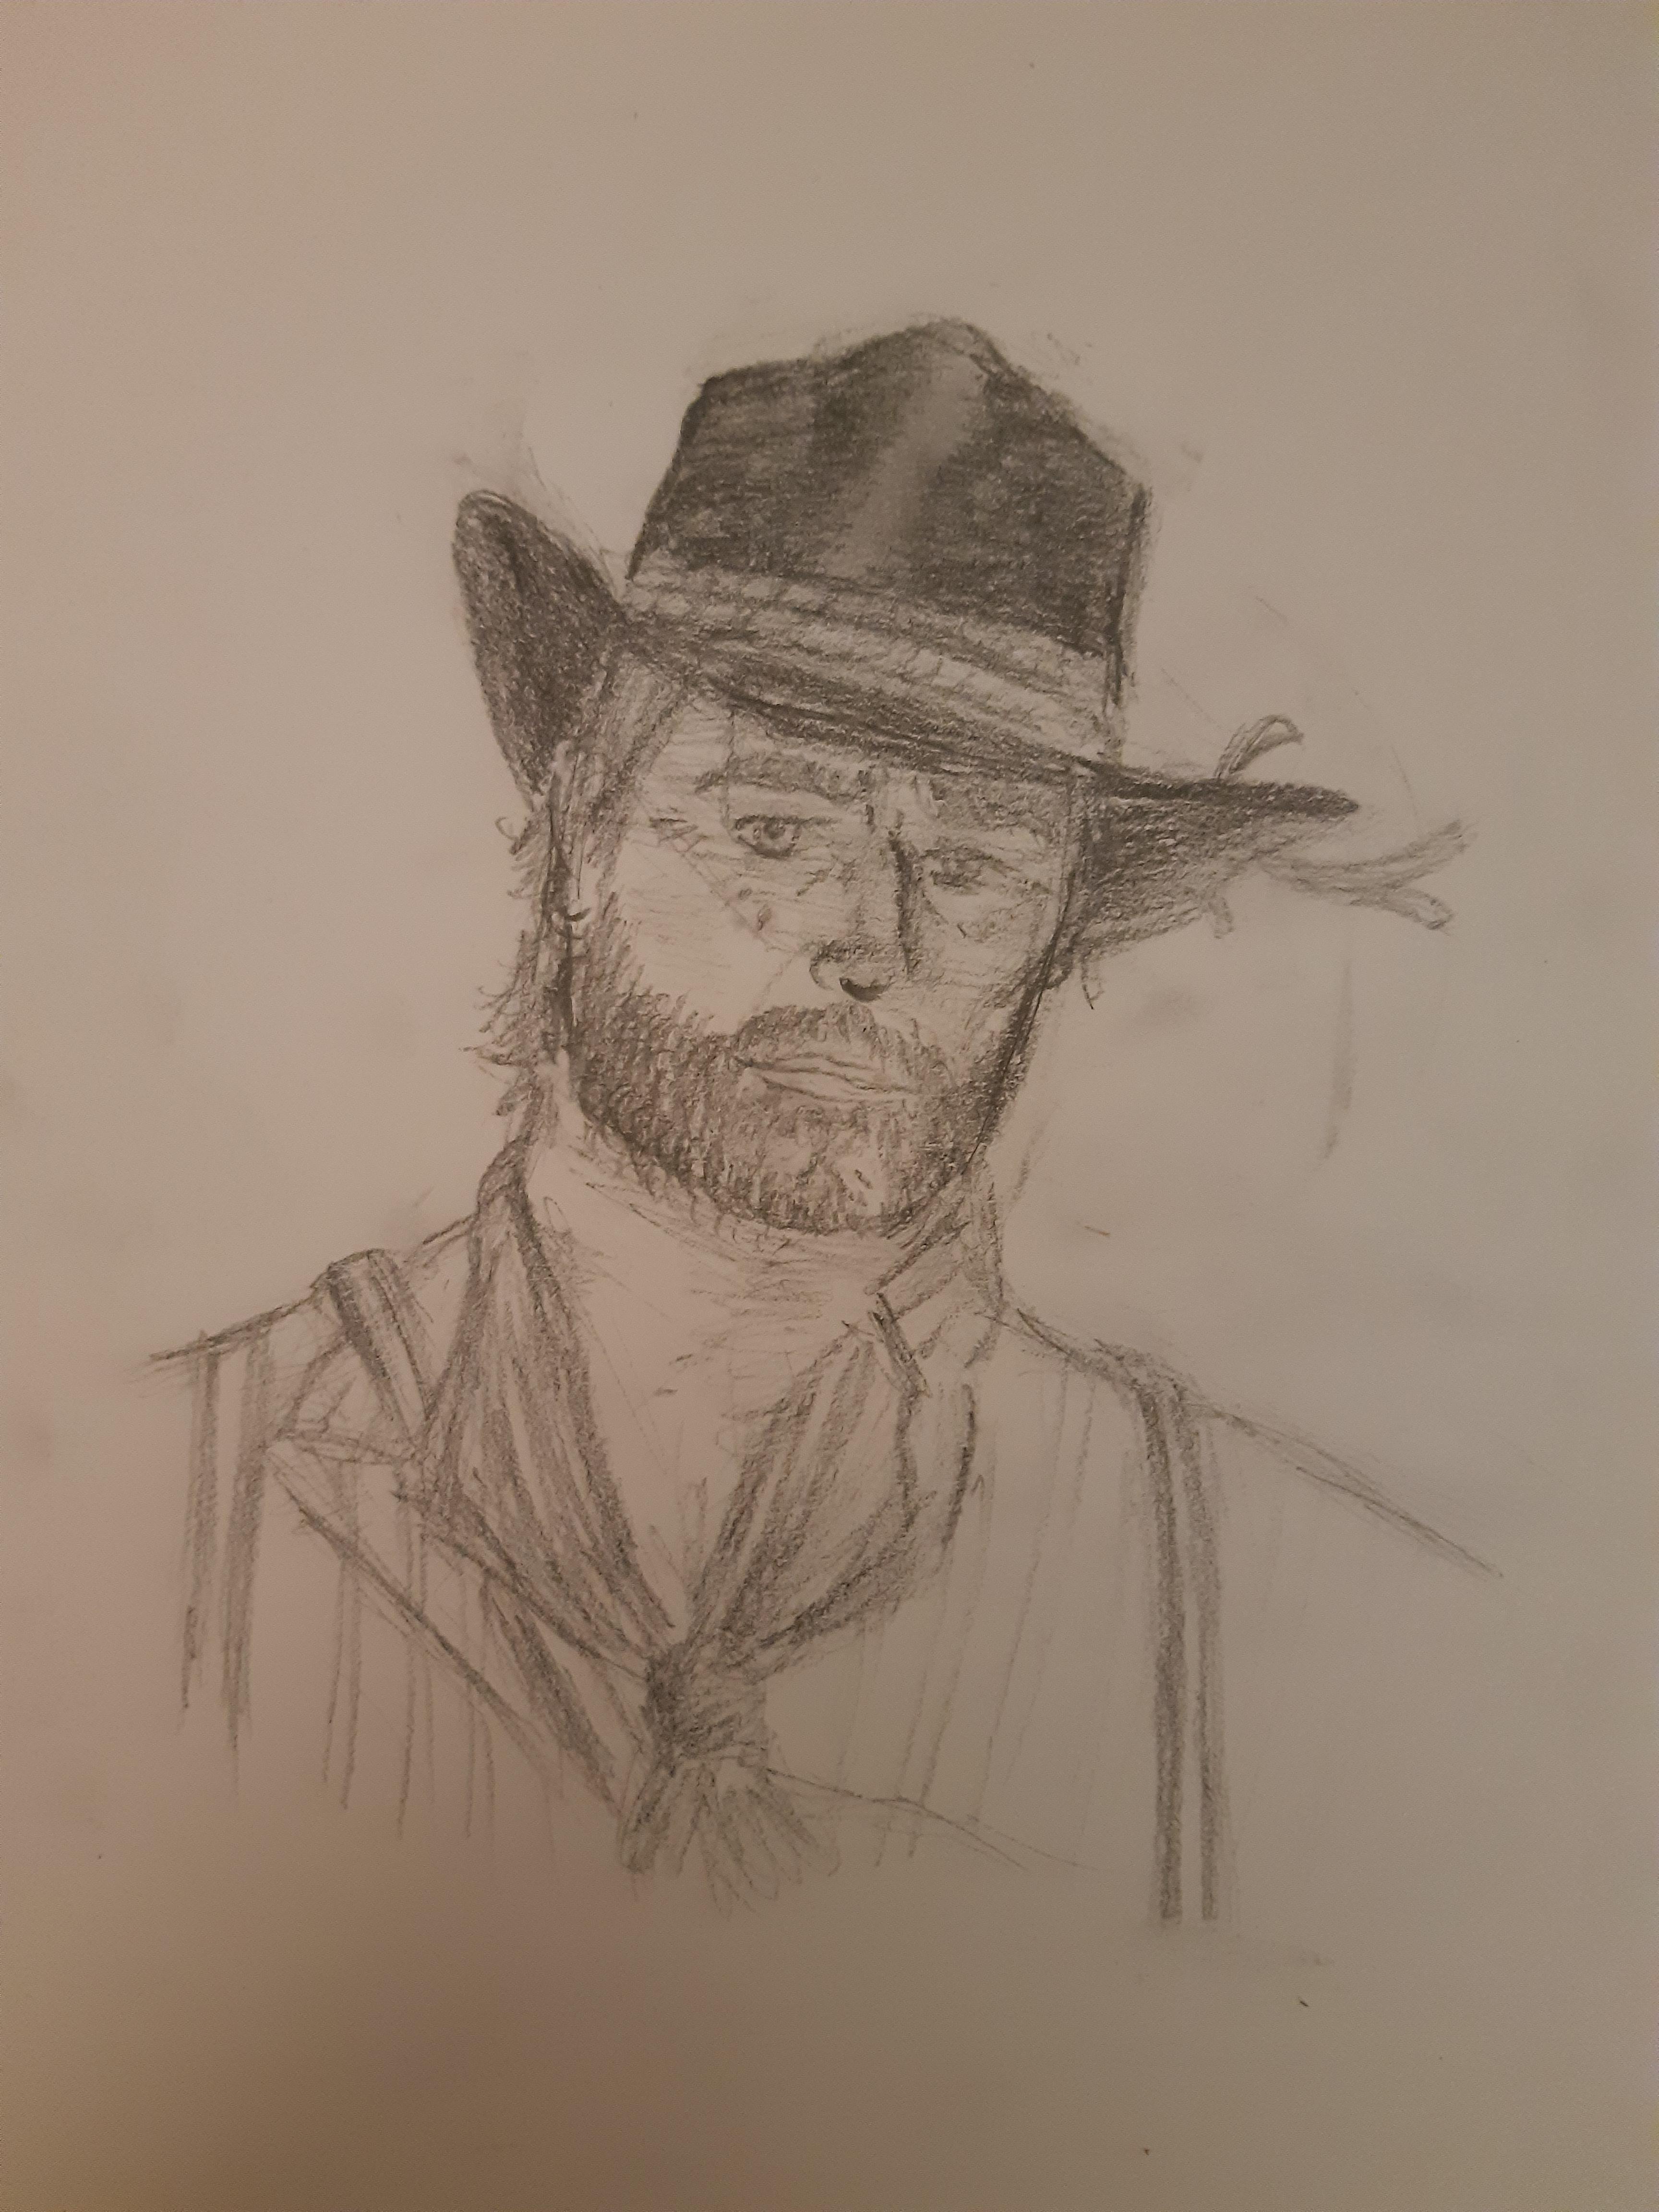 Игрок Red Dead Redemption 2 делает зарисовки мест из игры в стиле рисунков Артура